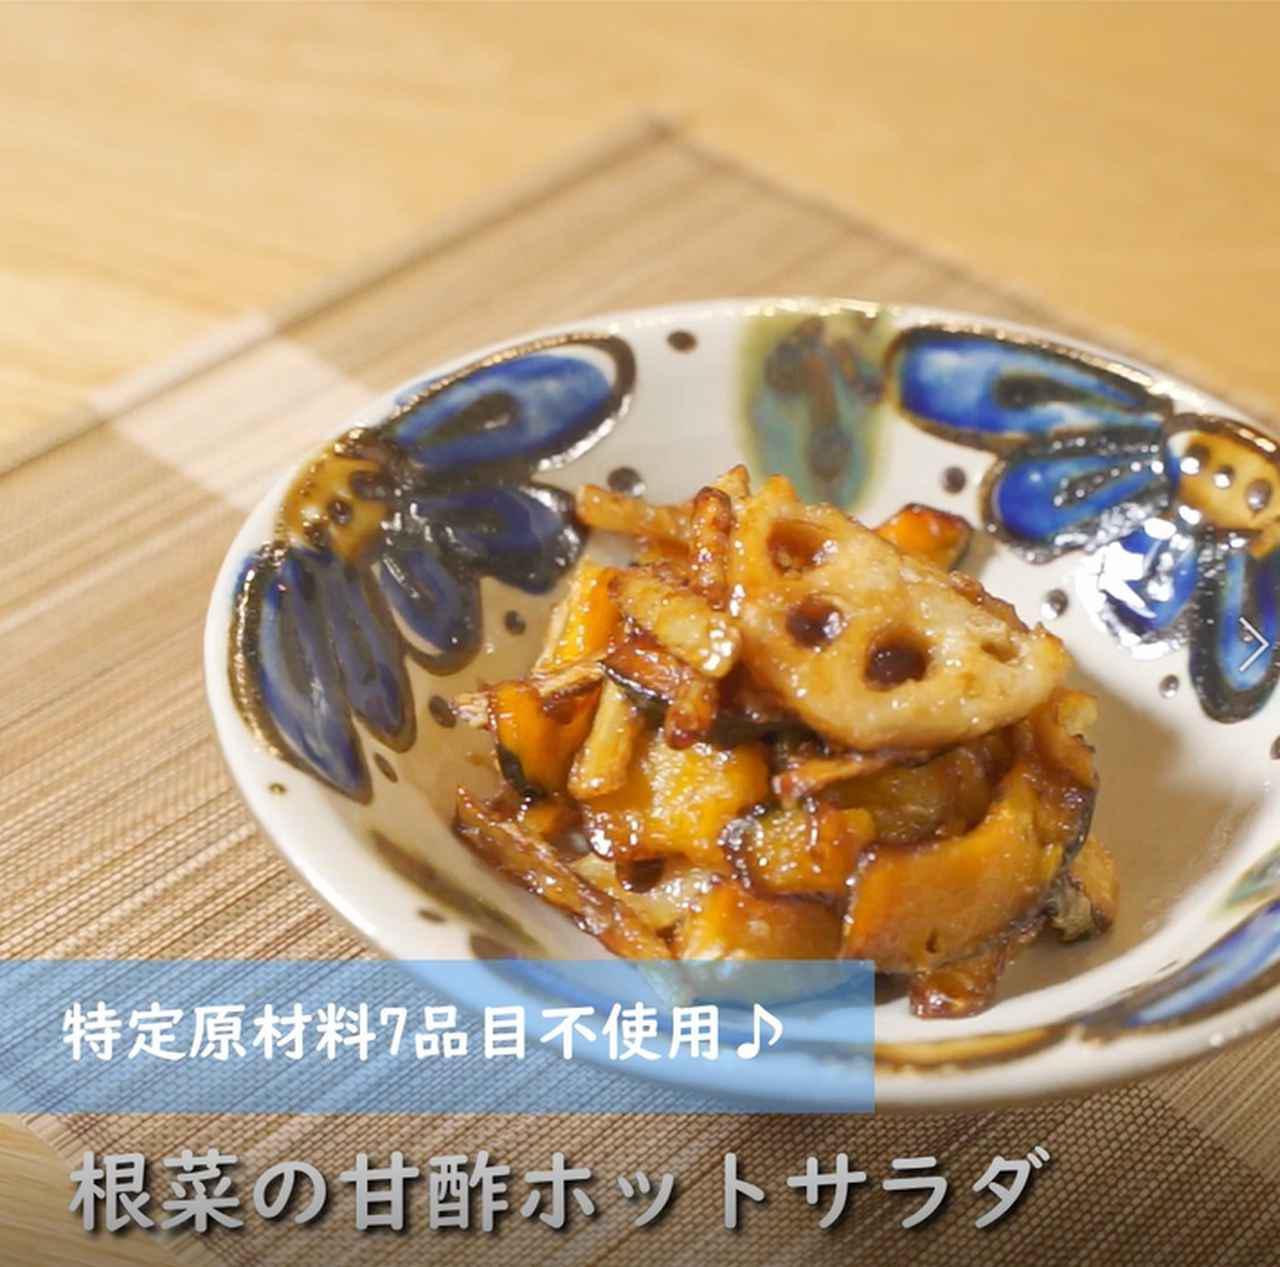 画像: ぽりぽりサクサク根菜の甘酢ホットサラダ - 君とごはん